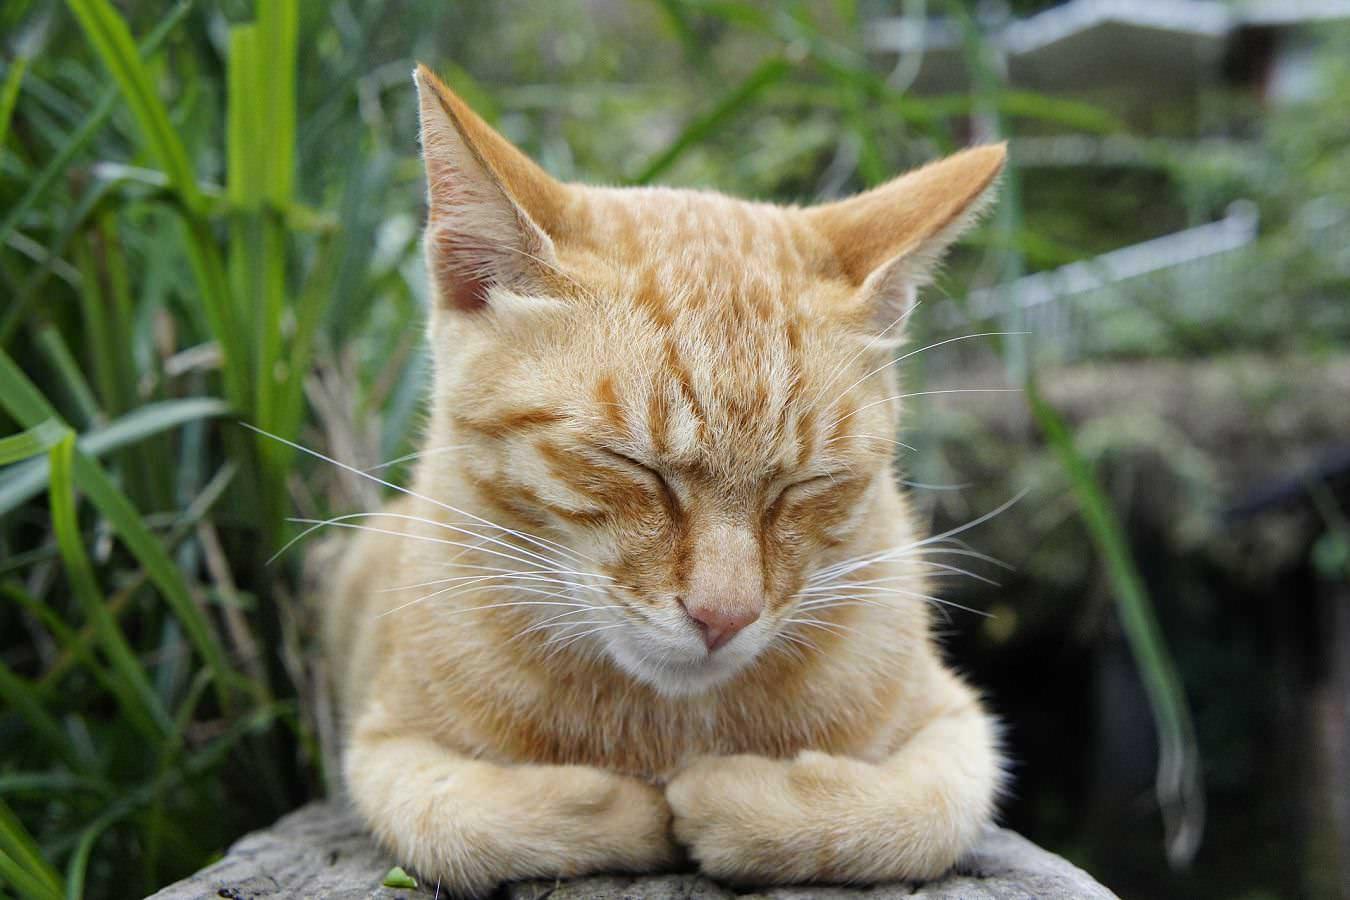 泣く・寝すぎが原因!寝起きのまぶたの腫れを治すための解消法5選